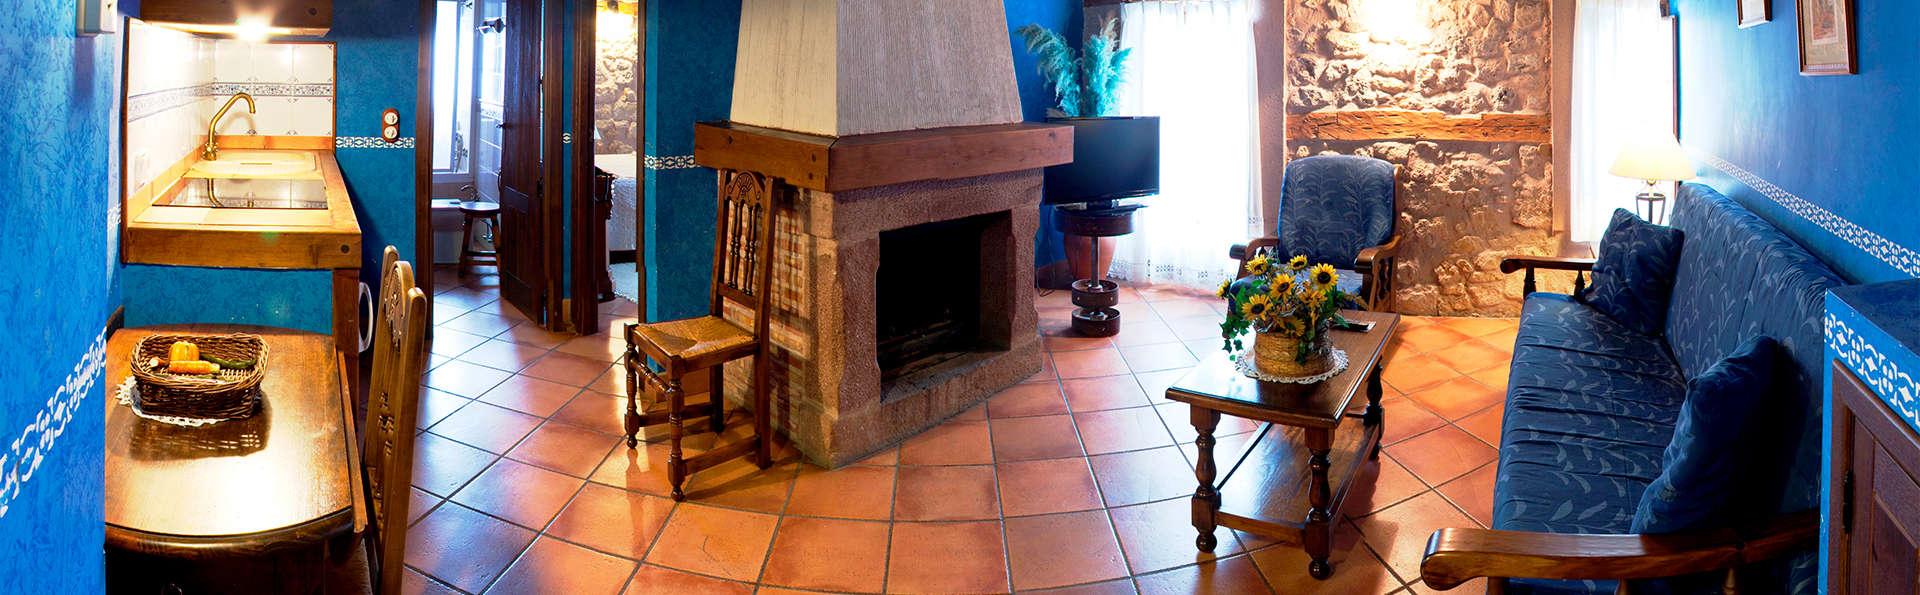 Appartement familial à Molina d'Aragón, à 10 km du parc Alto Tajo